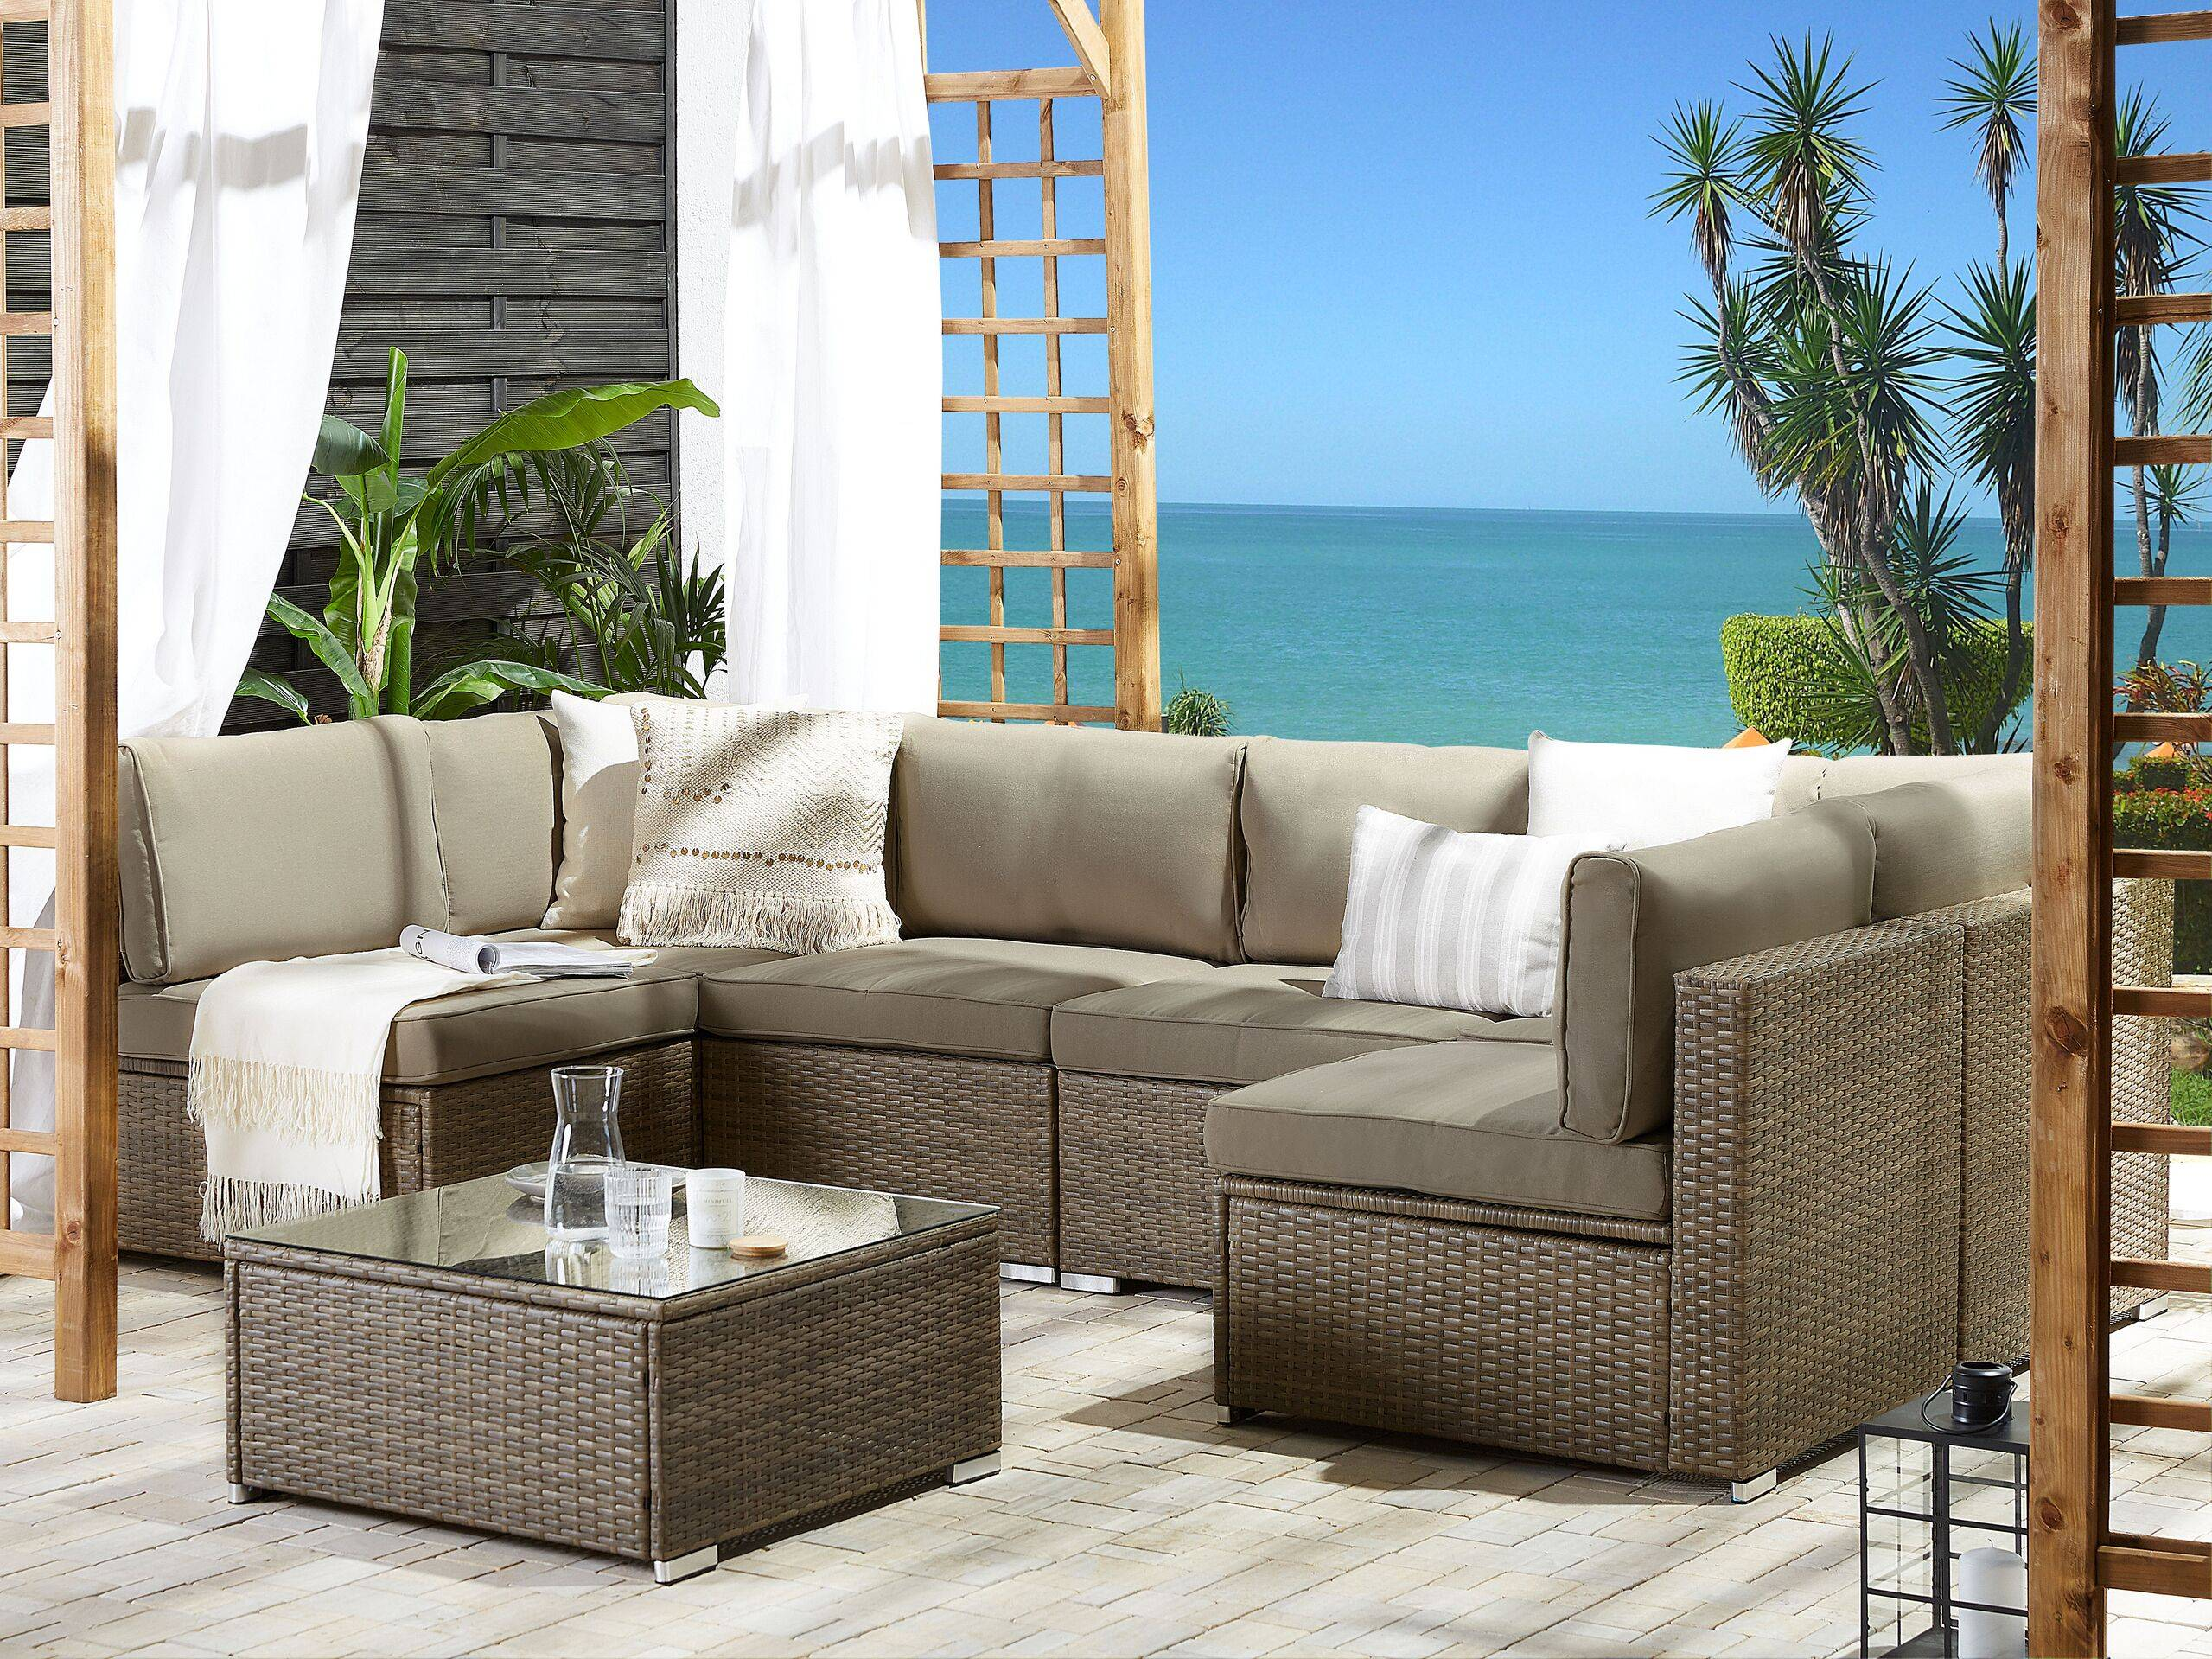 beliani salotto da esterno a 6 posti divano modulare in simil rattan e tavolino